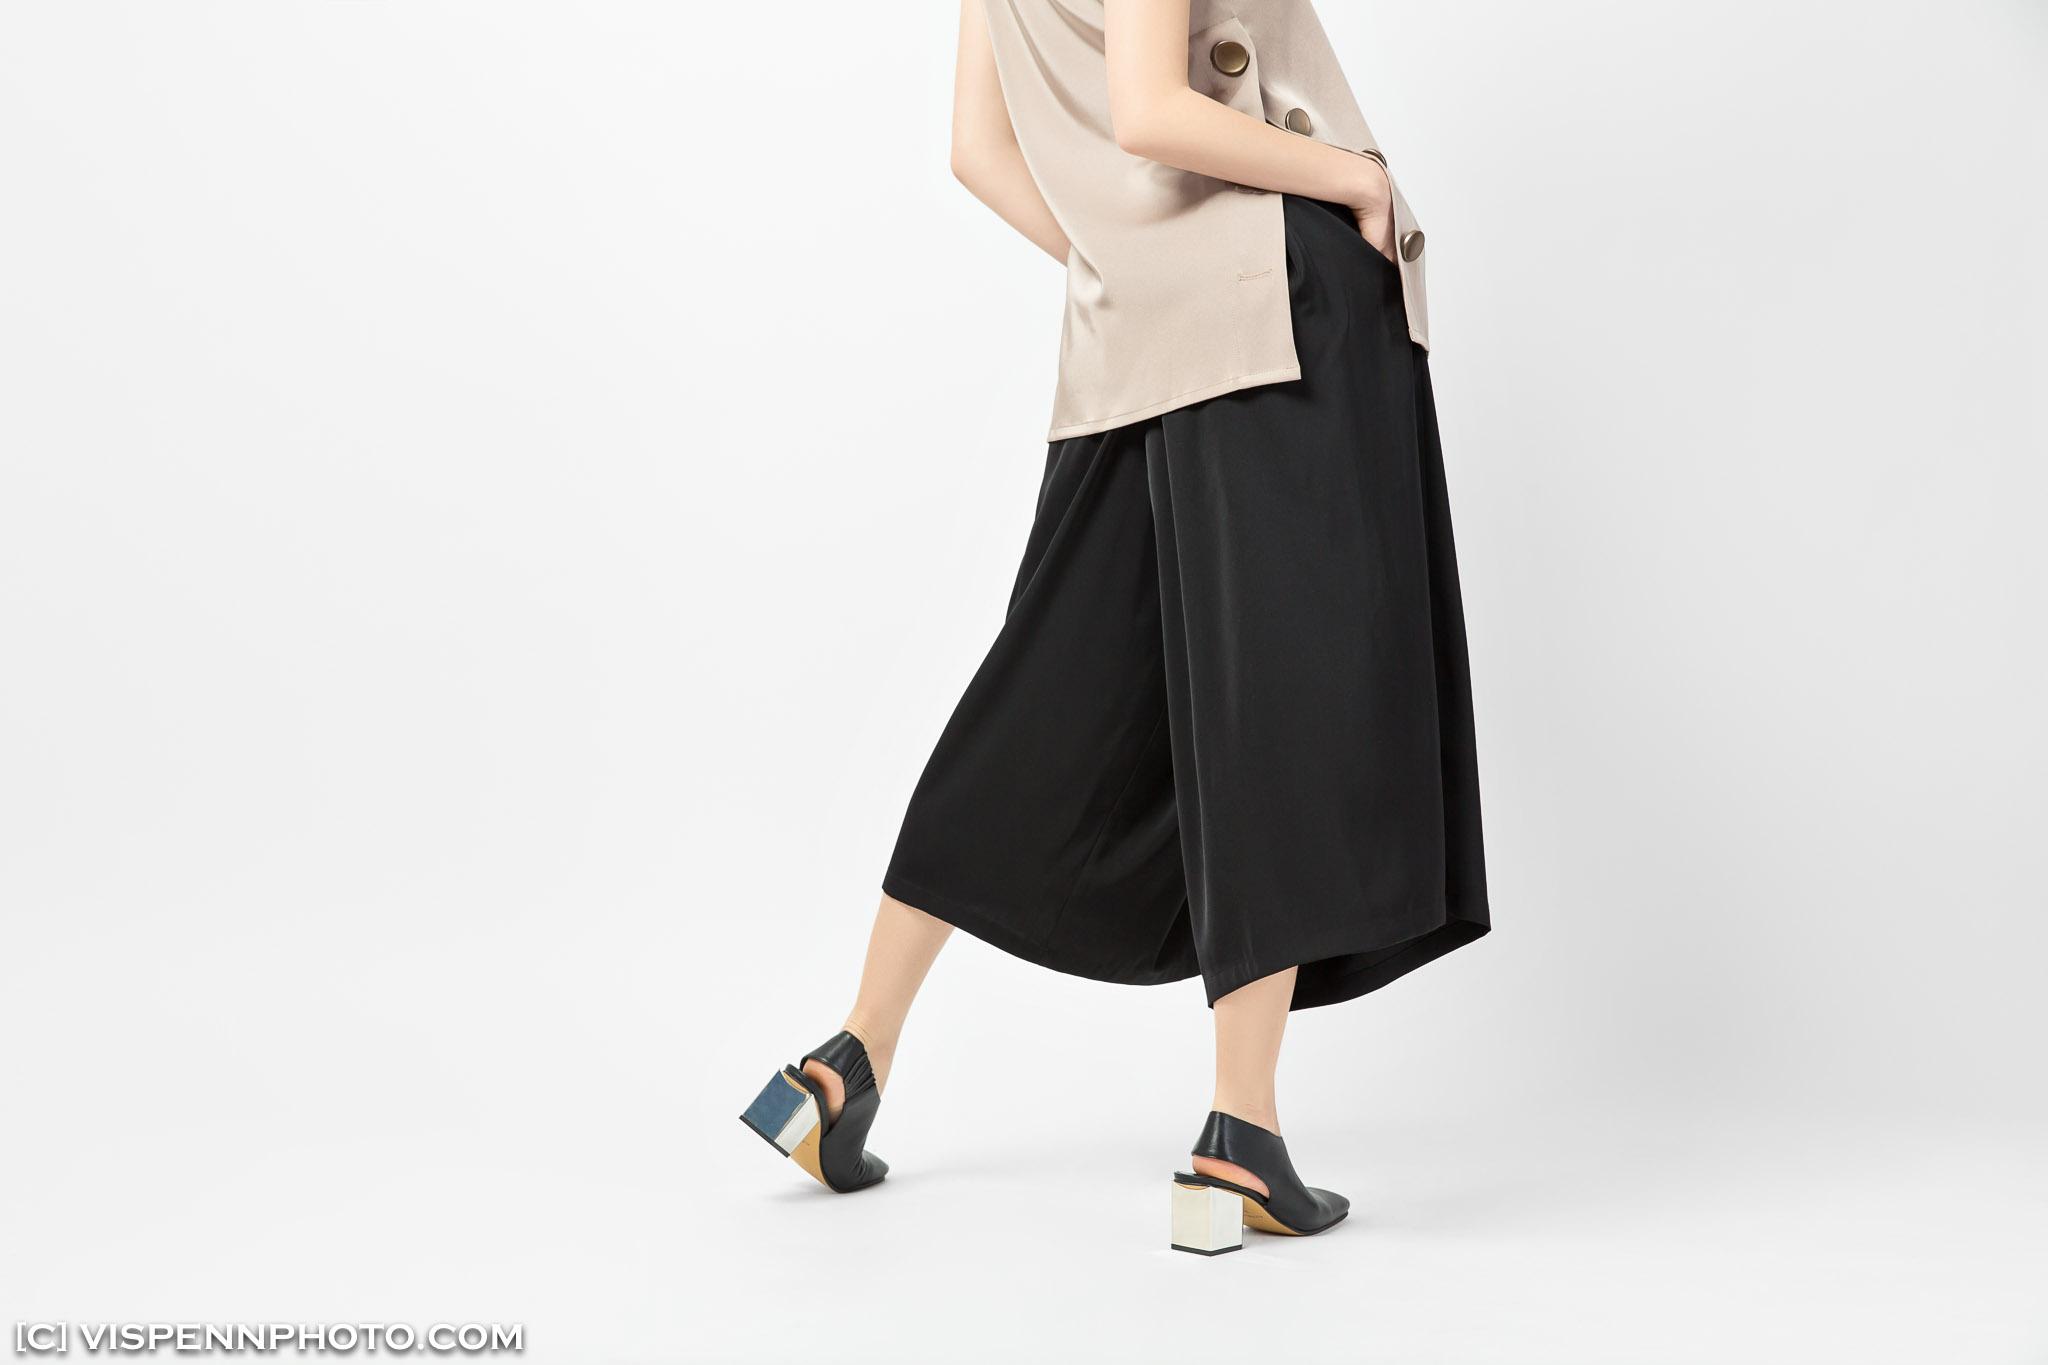 Melbourne Fashion Portrait Commercial Photography VISPENN 墨尔本 服装 商业 人像 摄影 5D1 0184